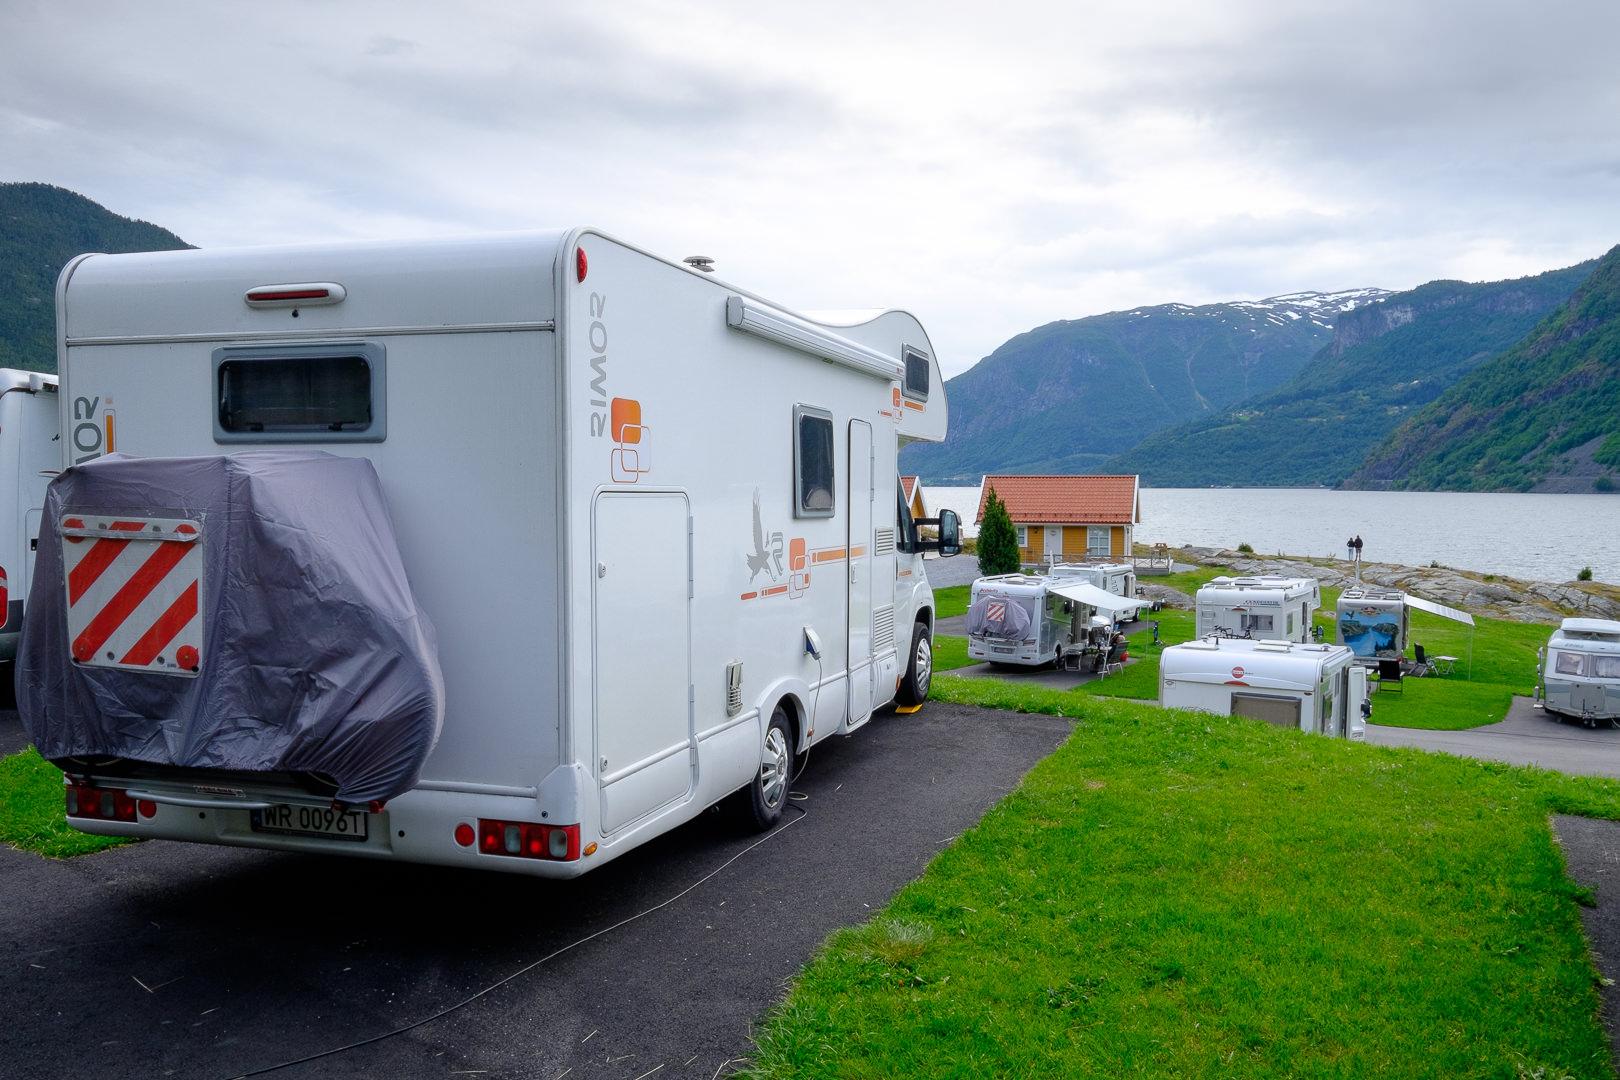 DSCF2479 Kamper czyli jak rodziła się nasza fascynacja Lato 2016 Norwegia